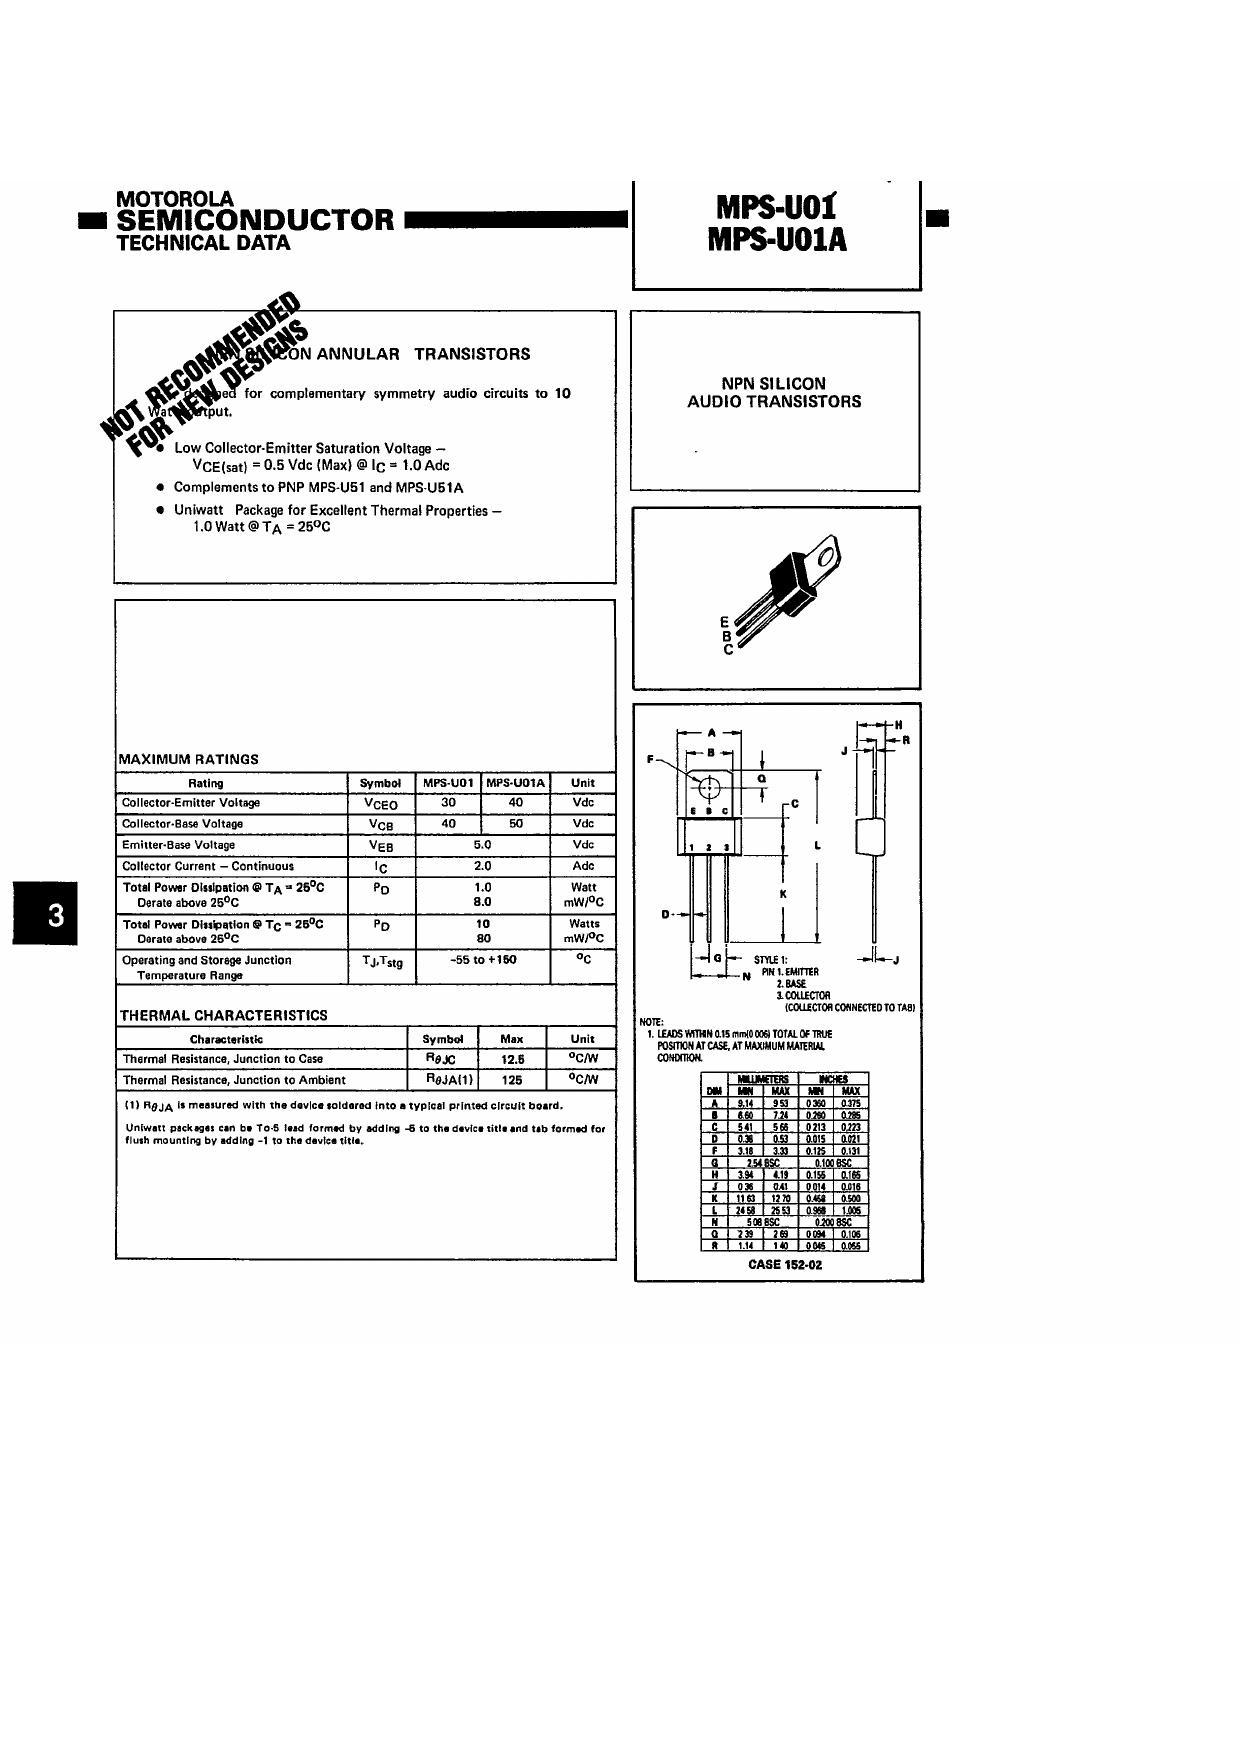 mpsu01 datasheet pdf   pinout